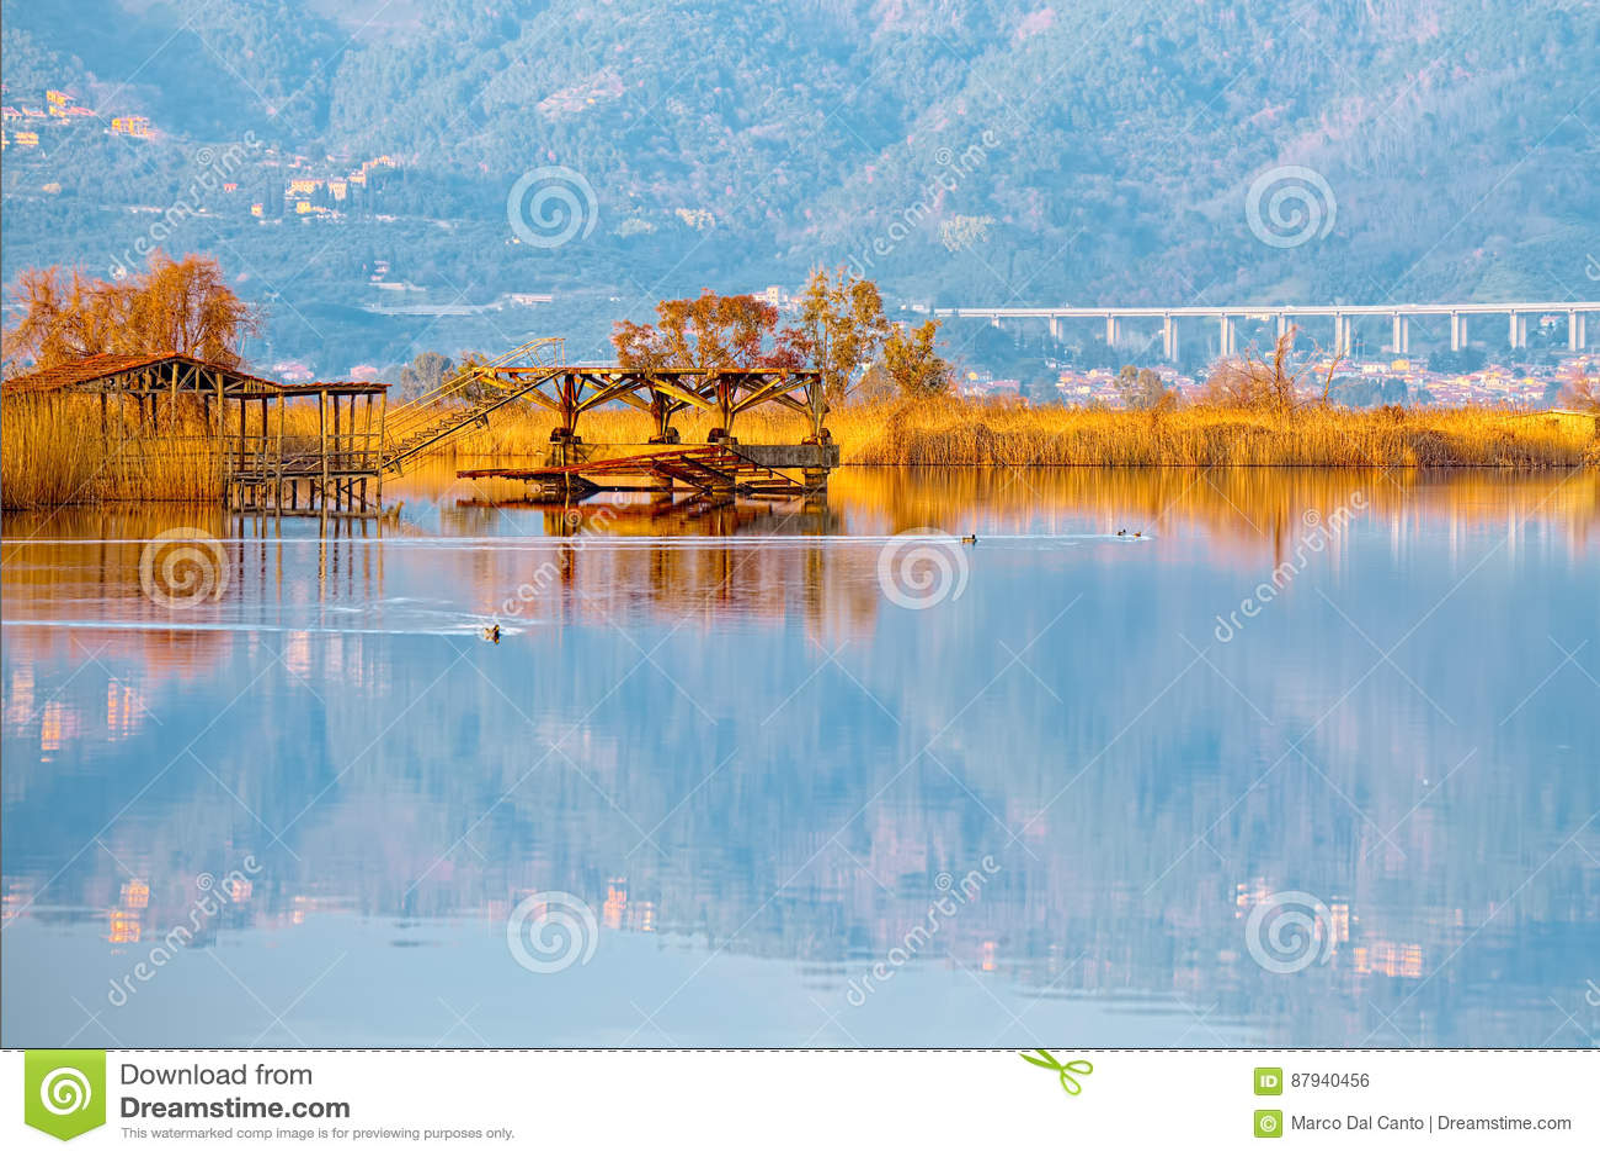 Vecchio Pilastro Di Pesca Sul Lago Massaciuccoli Torre Del Lago Puccini Fotografia Stock